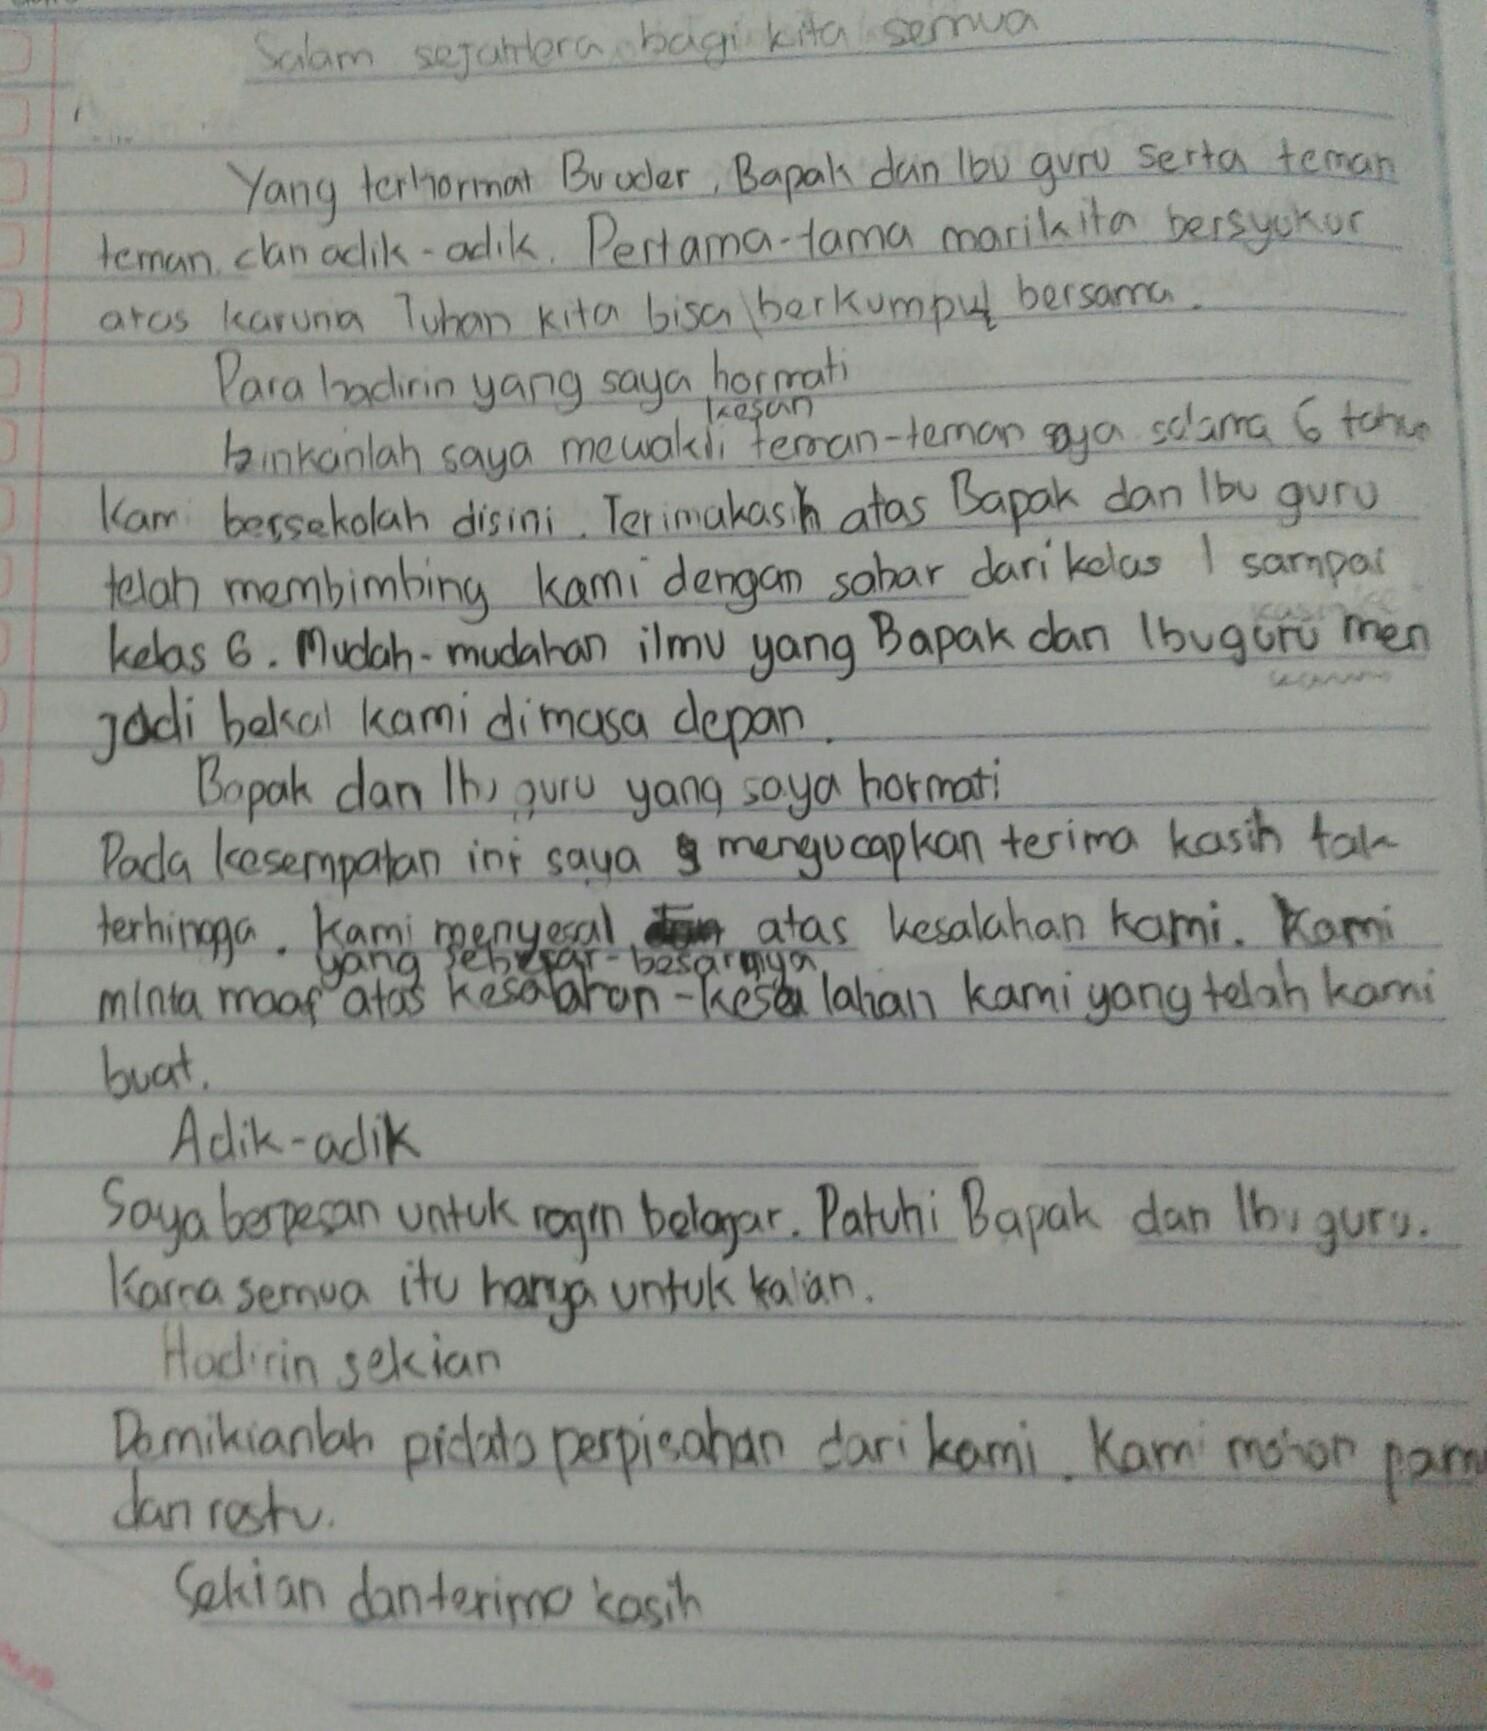 Tuliskan Contoh Pidato Singkat Tentang Perpisahan Kelas 6